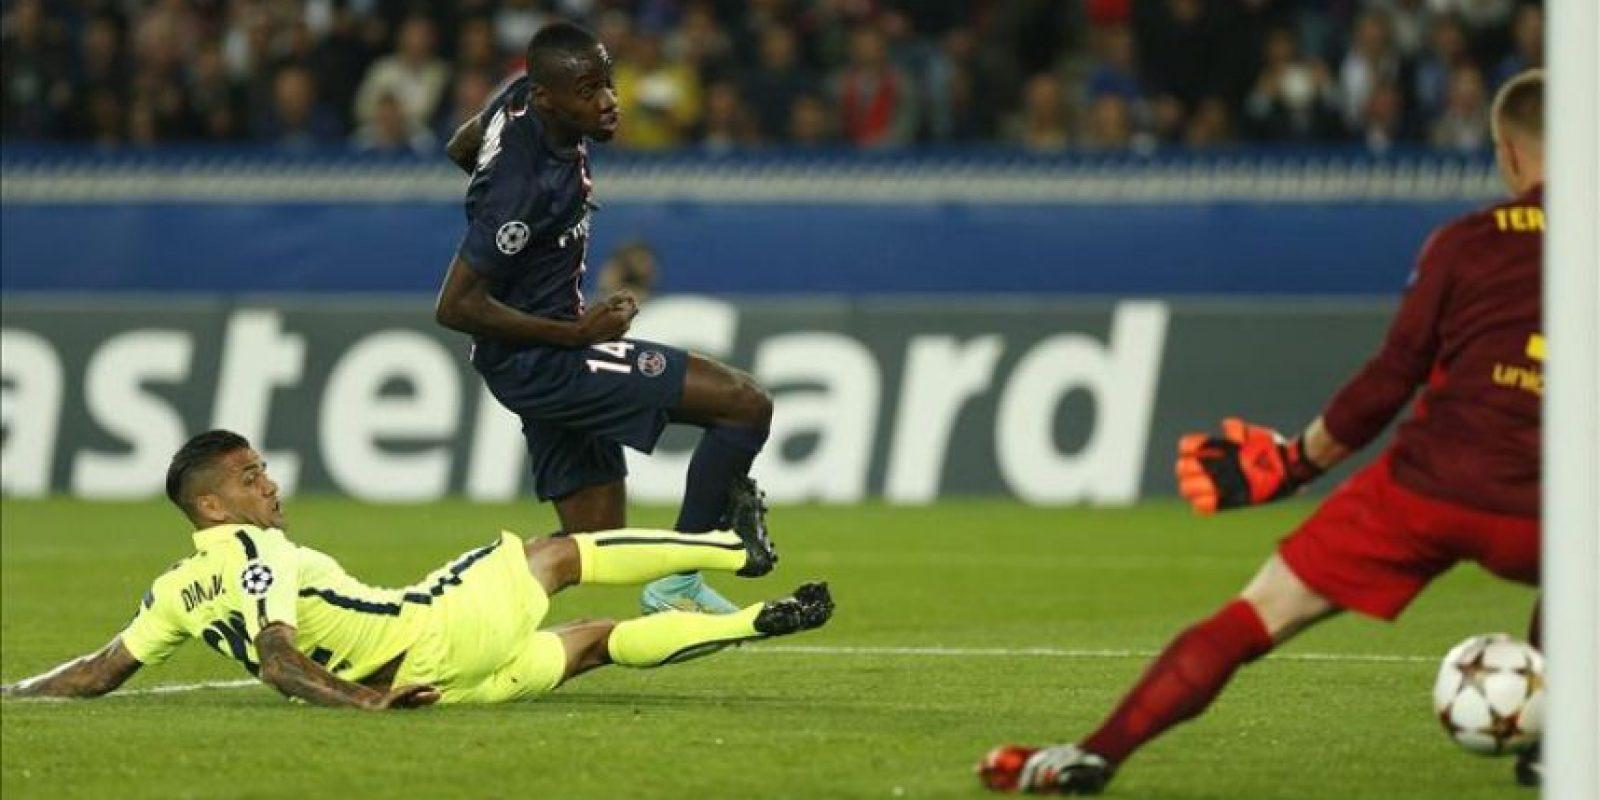 El jugador del París Saint-Germain Blaise Matuidi (c) marca el 3-1 ante el defensa del FC Barcelona, Dani Alves (izda), durante el partido del grupo F de la Liga de Campeones disputado en el estadio Parque de los Príncipes de París, Francia. EFE